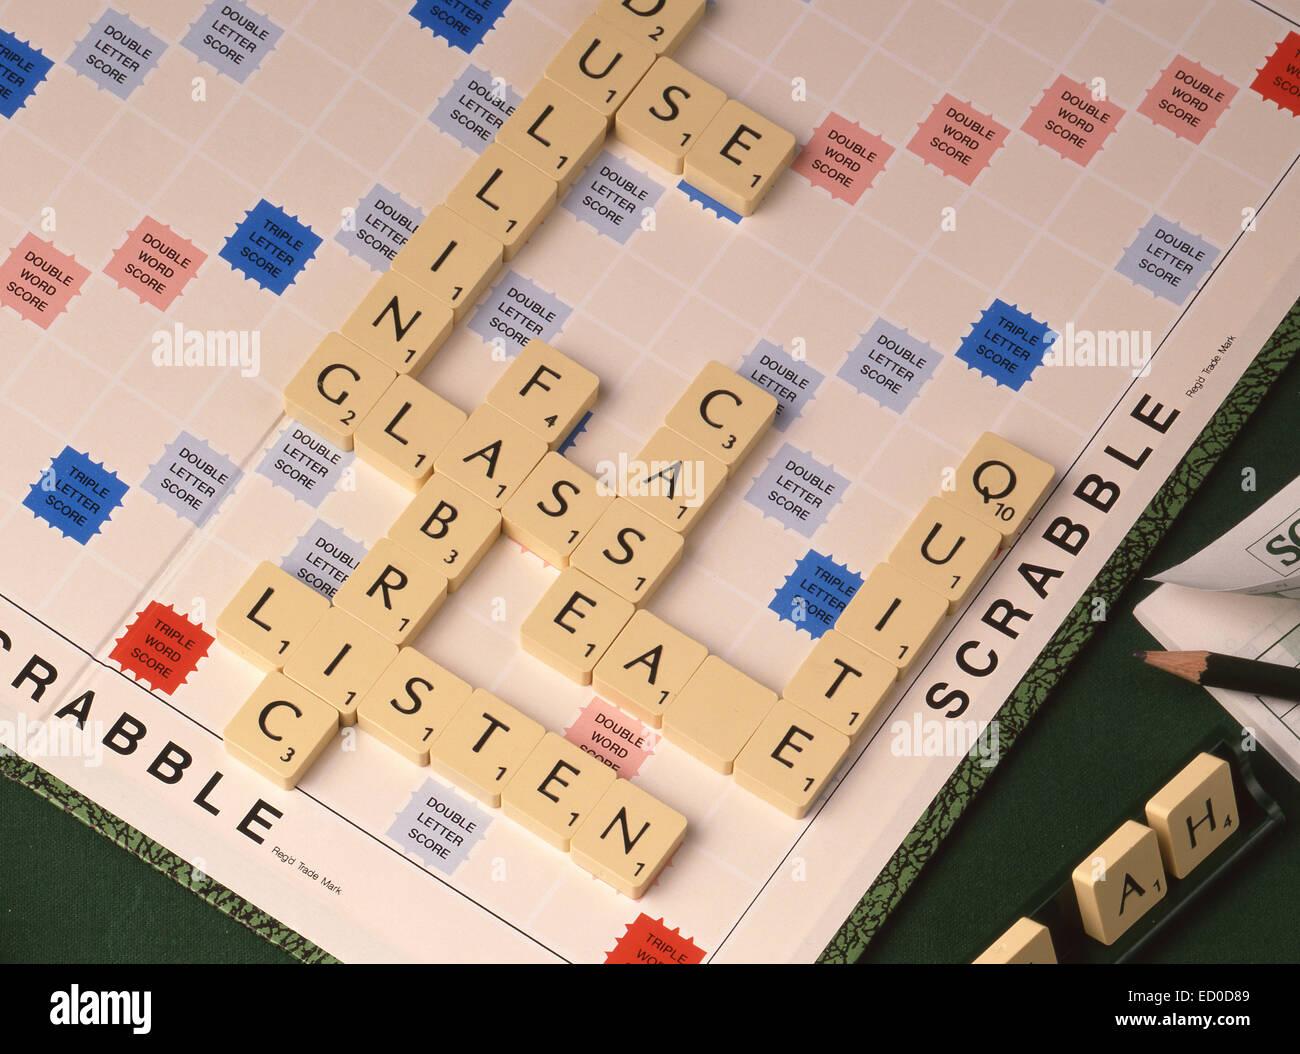 Scrabble juego de mesa con cartas de azulejos y la almohadilla (still life) Imagen De Stock